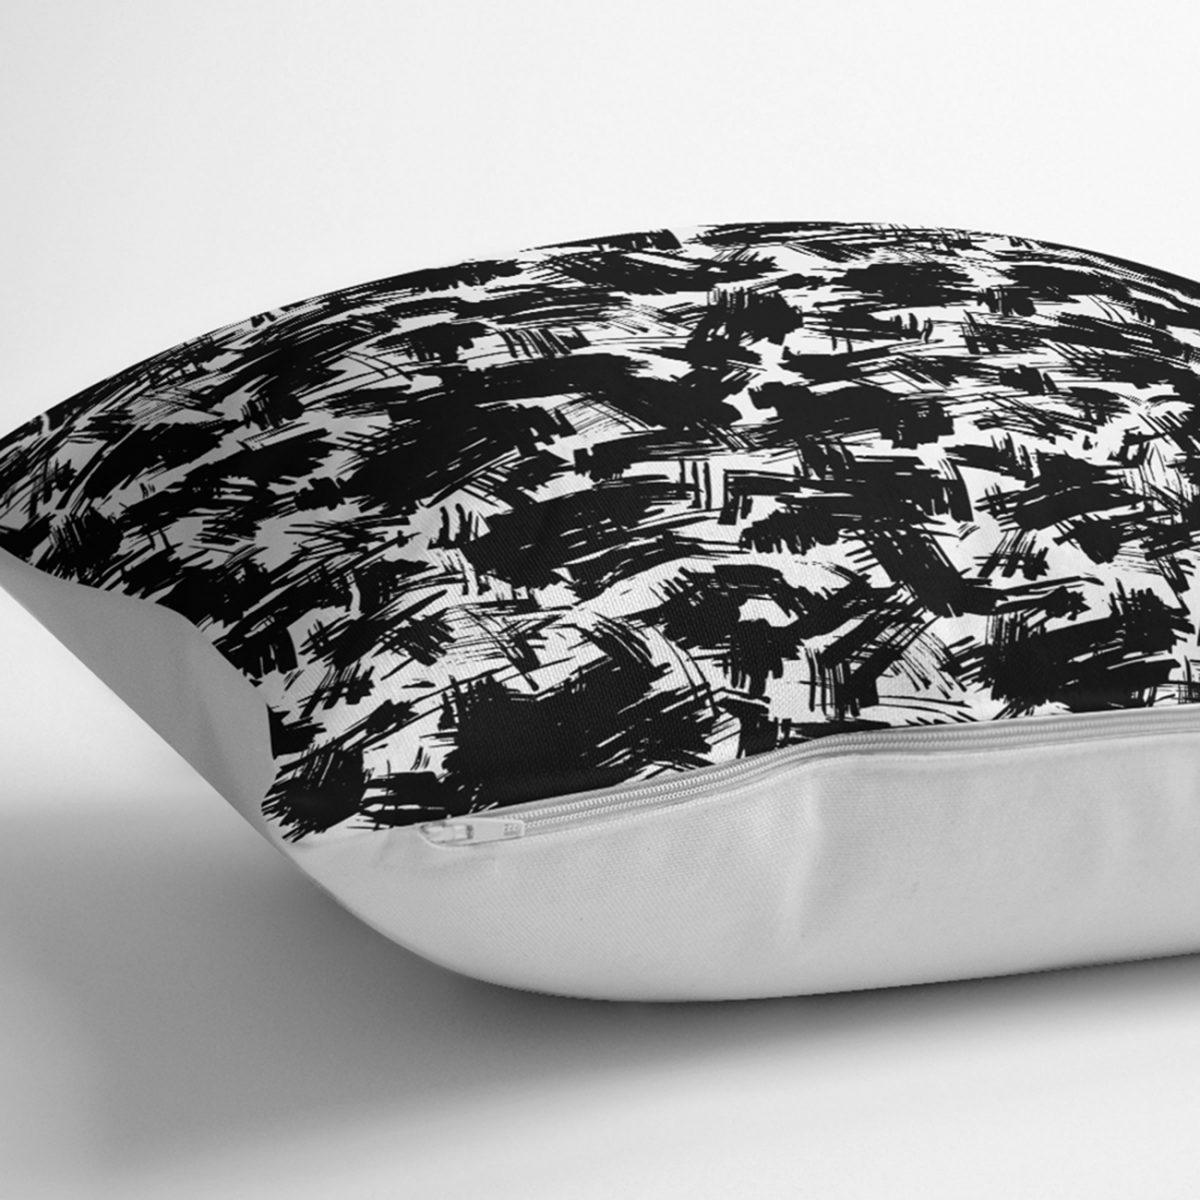 Beyaz Zeminde Anlamsız Çizgiler Desenli Yastık Kılıfı Realhomes